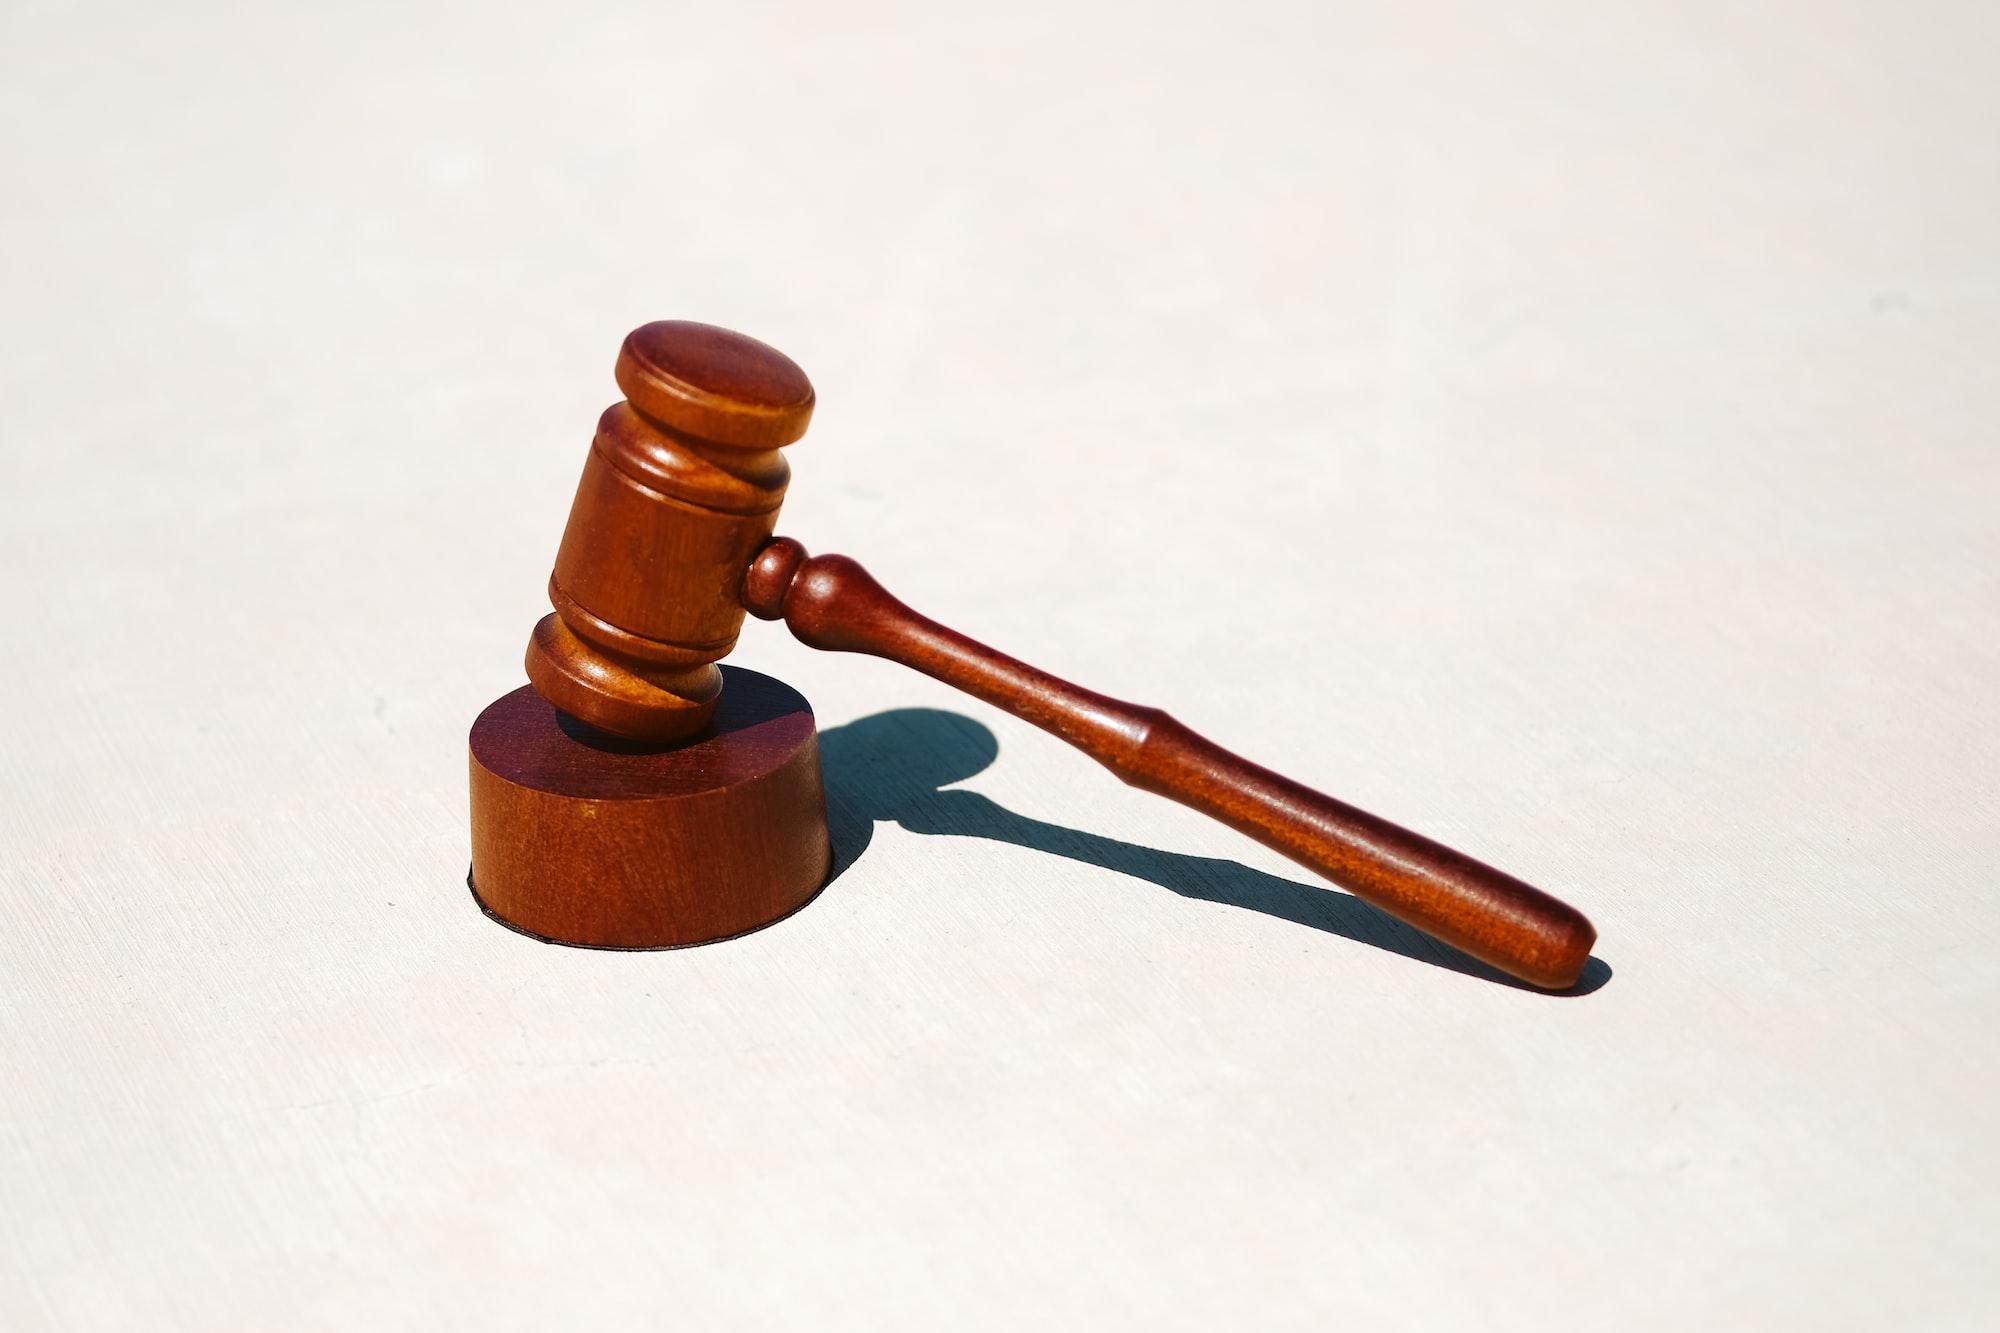 भारतीय नागरिकों ने अमेरिकी इमिग्रेशन के खिलाफ दायर किया मुकदमा, लेकिन क्यों?